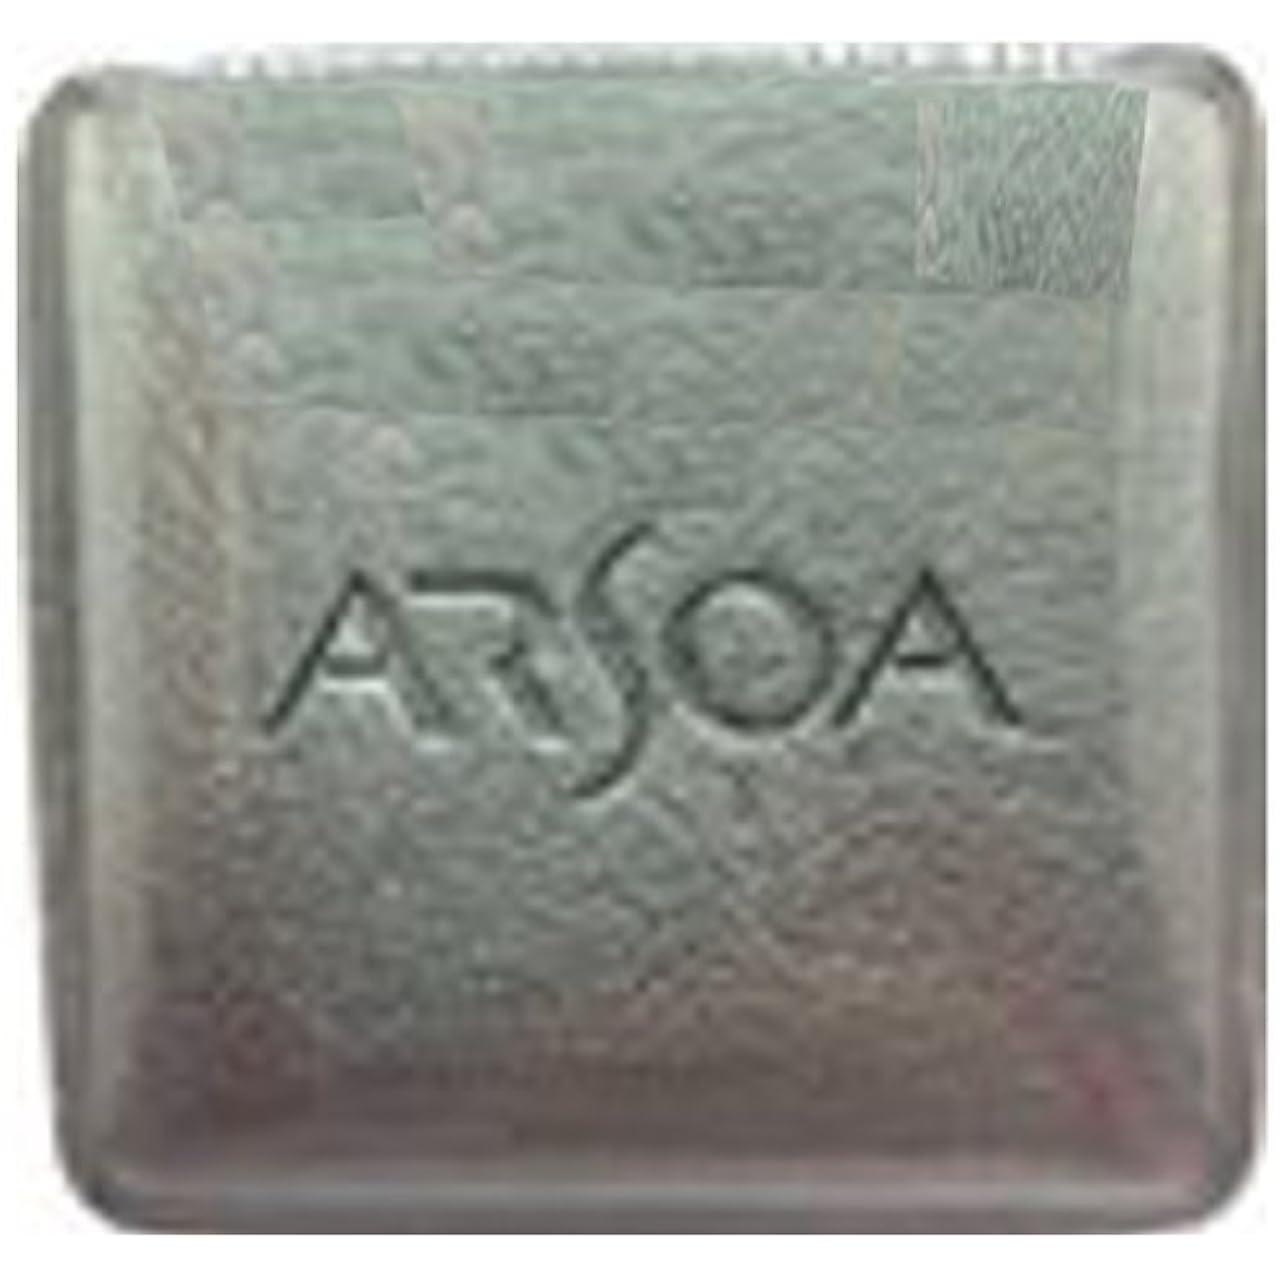 財団健康農業の[箱不良?外箱無]アルソア(ARSOA)クイーンシルバー(リフィル)135g[並行輸入品]